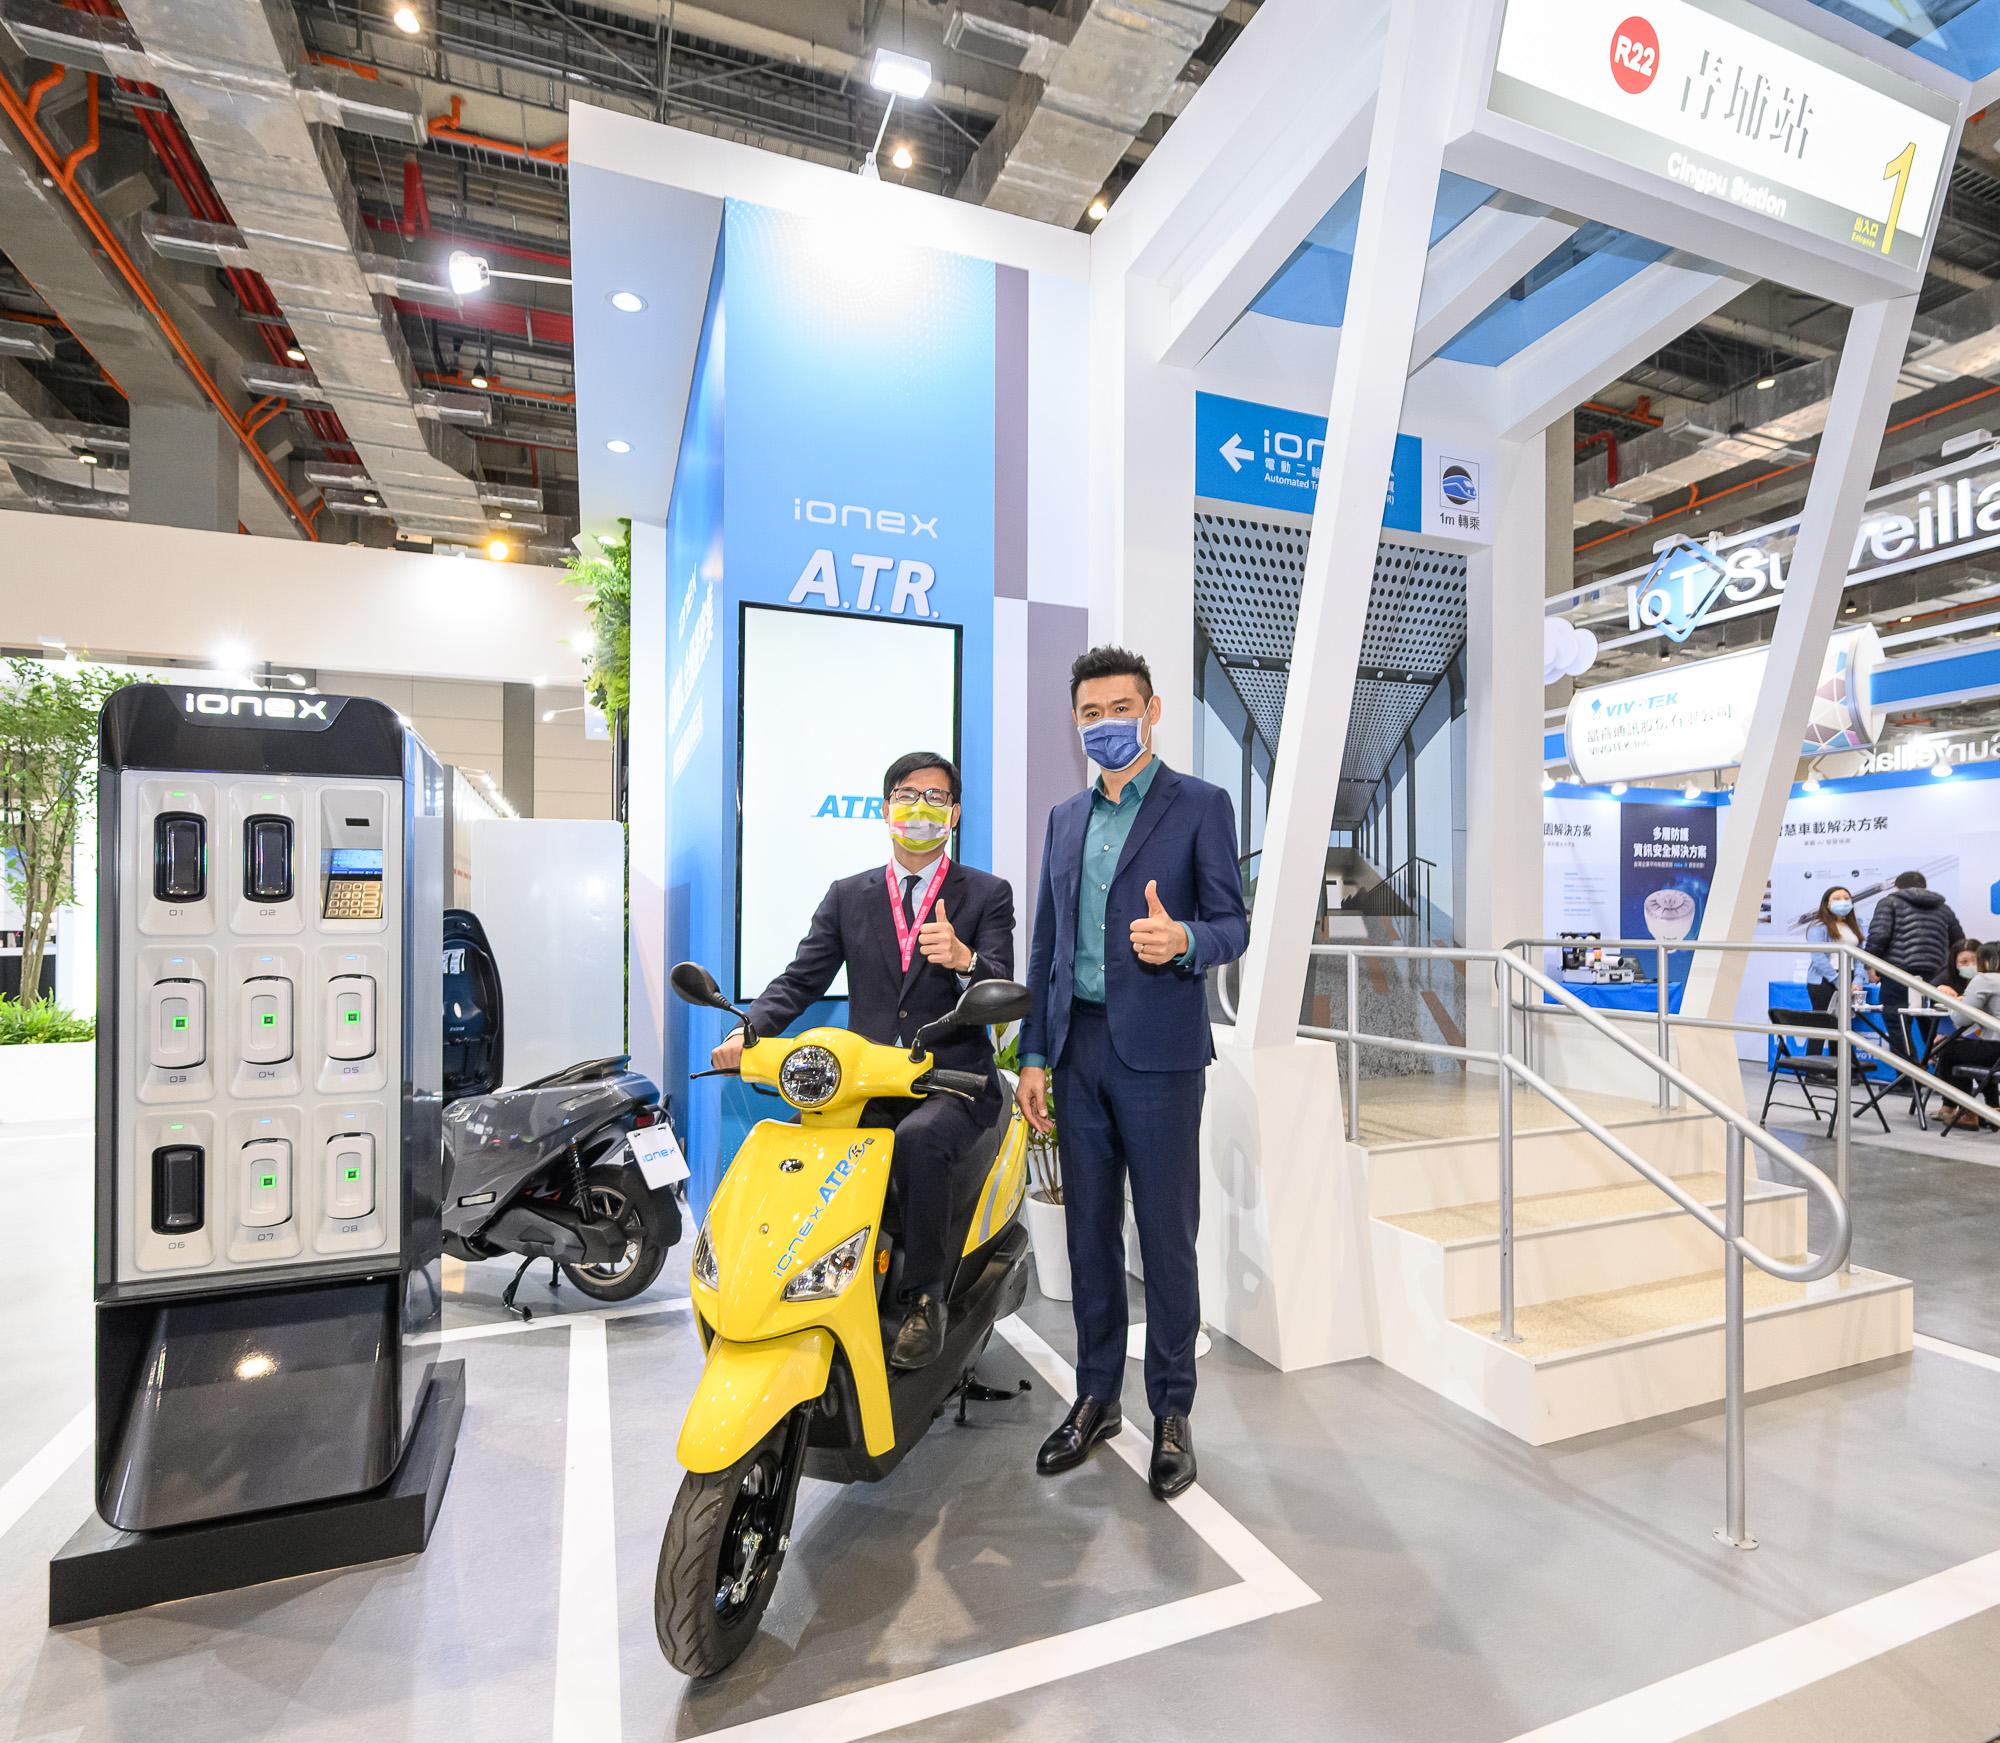 高雄市長陳其邁親臨智慧城市展 Ionex 攤位,參觀即將於五月展開營運的「Ionex ATR電動二輪車自助租賃」。